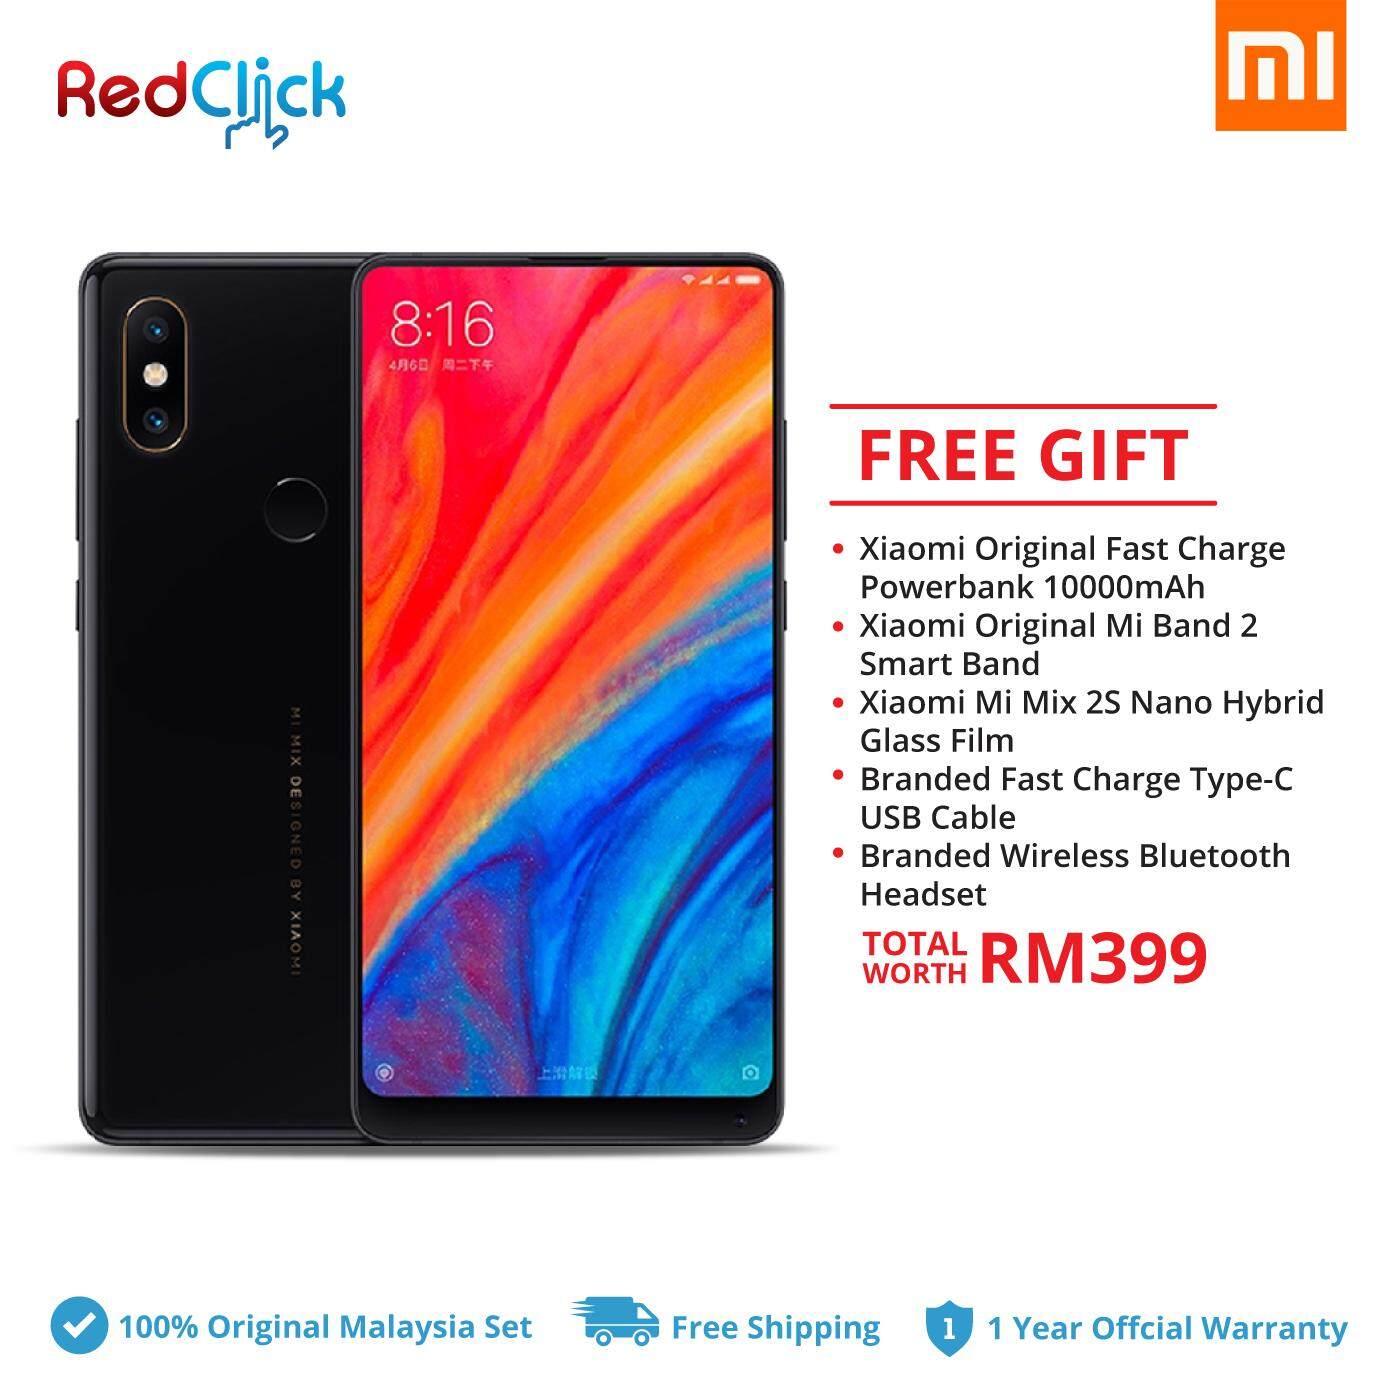 Xiaomi Mi Mix 2S (6GB/64GB) + 5 Free Gift Worth RM399